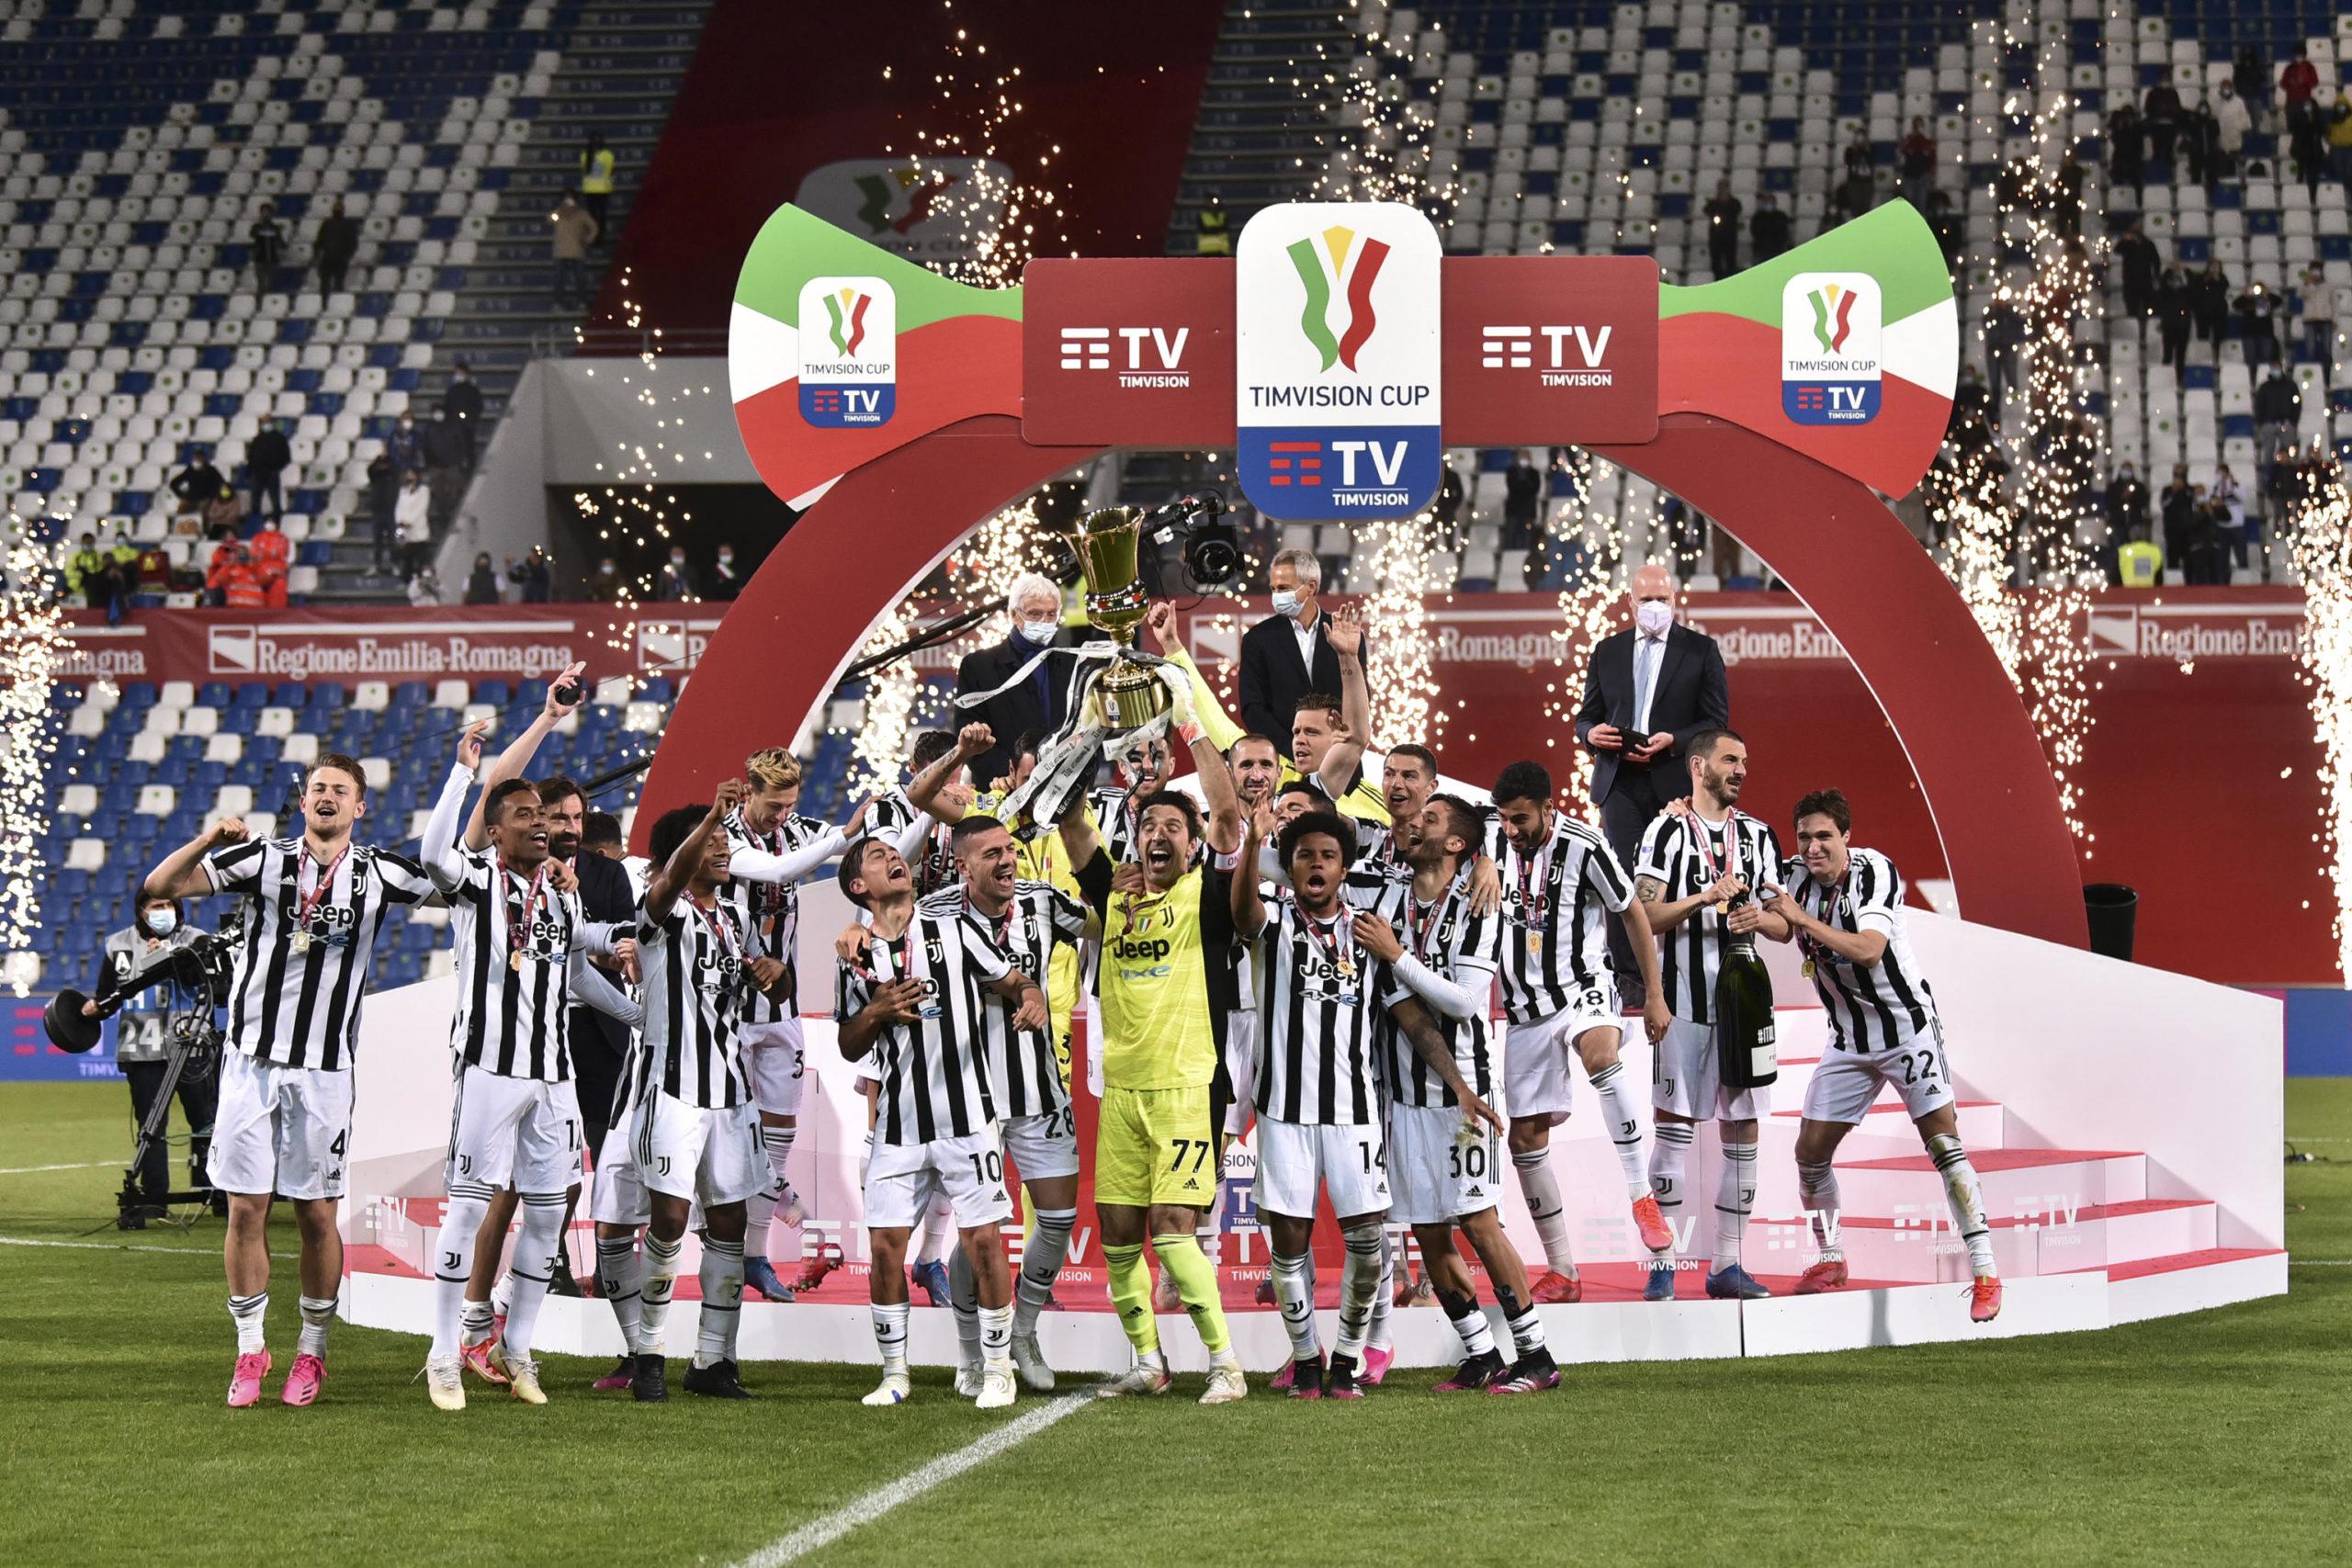 Gigi Buffon lifts the Coppa Italia after Juventus beat Atalanta